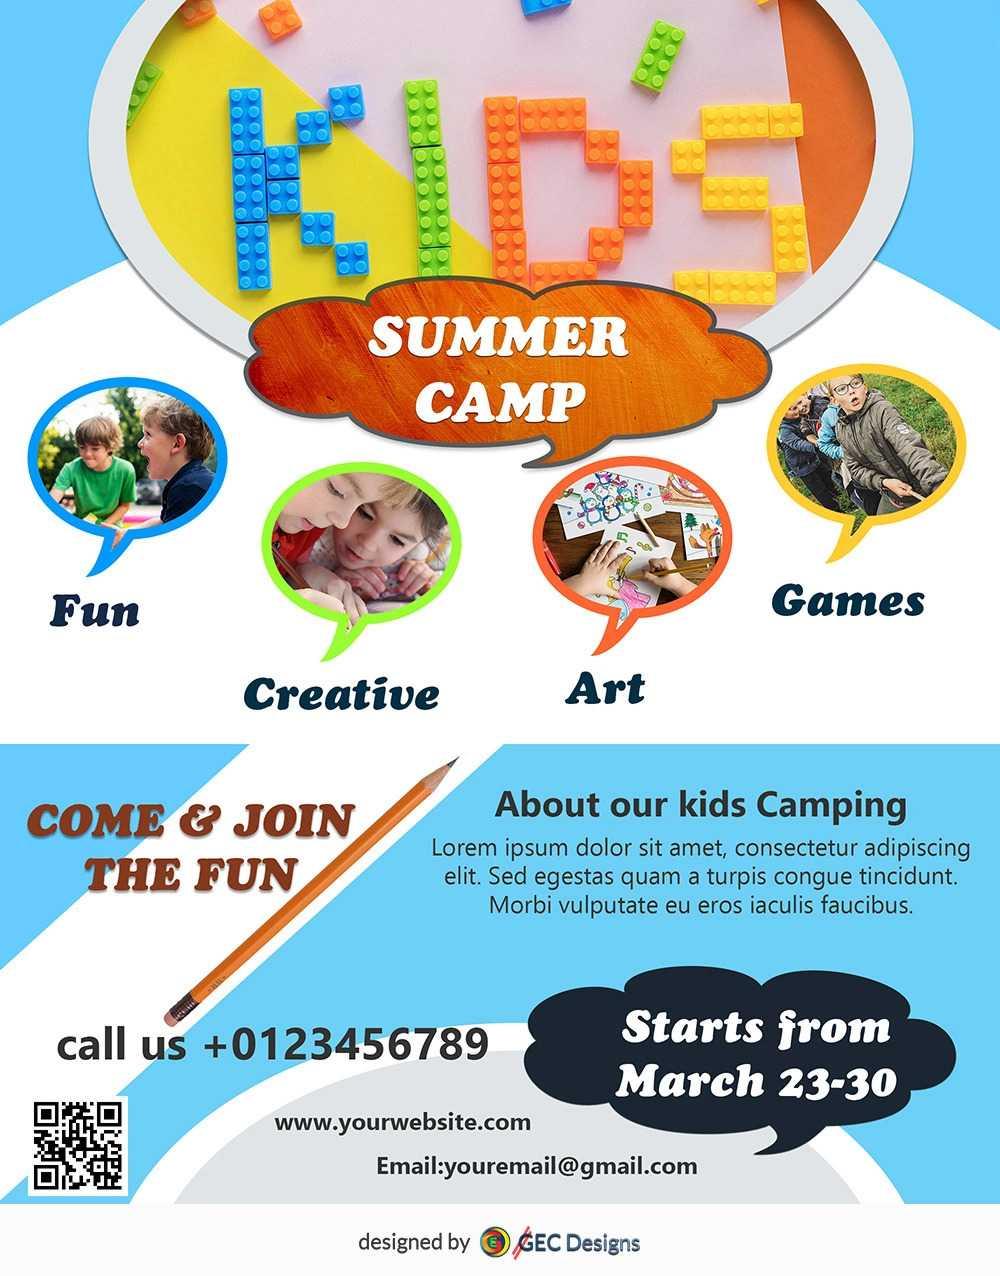 Download Free Kids Summer Camp Flyer Design Templates Intended For Free Summer Camp Flyer Template